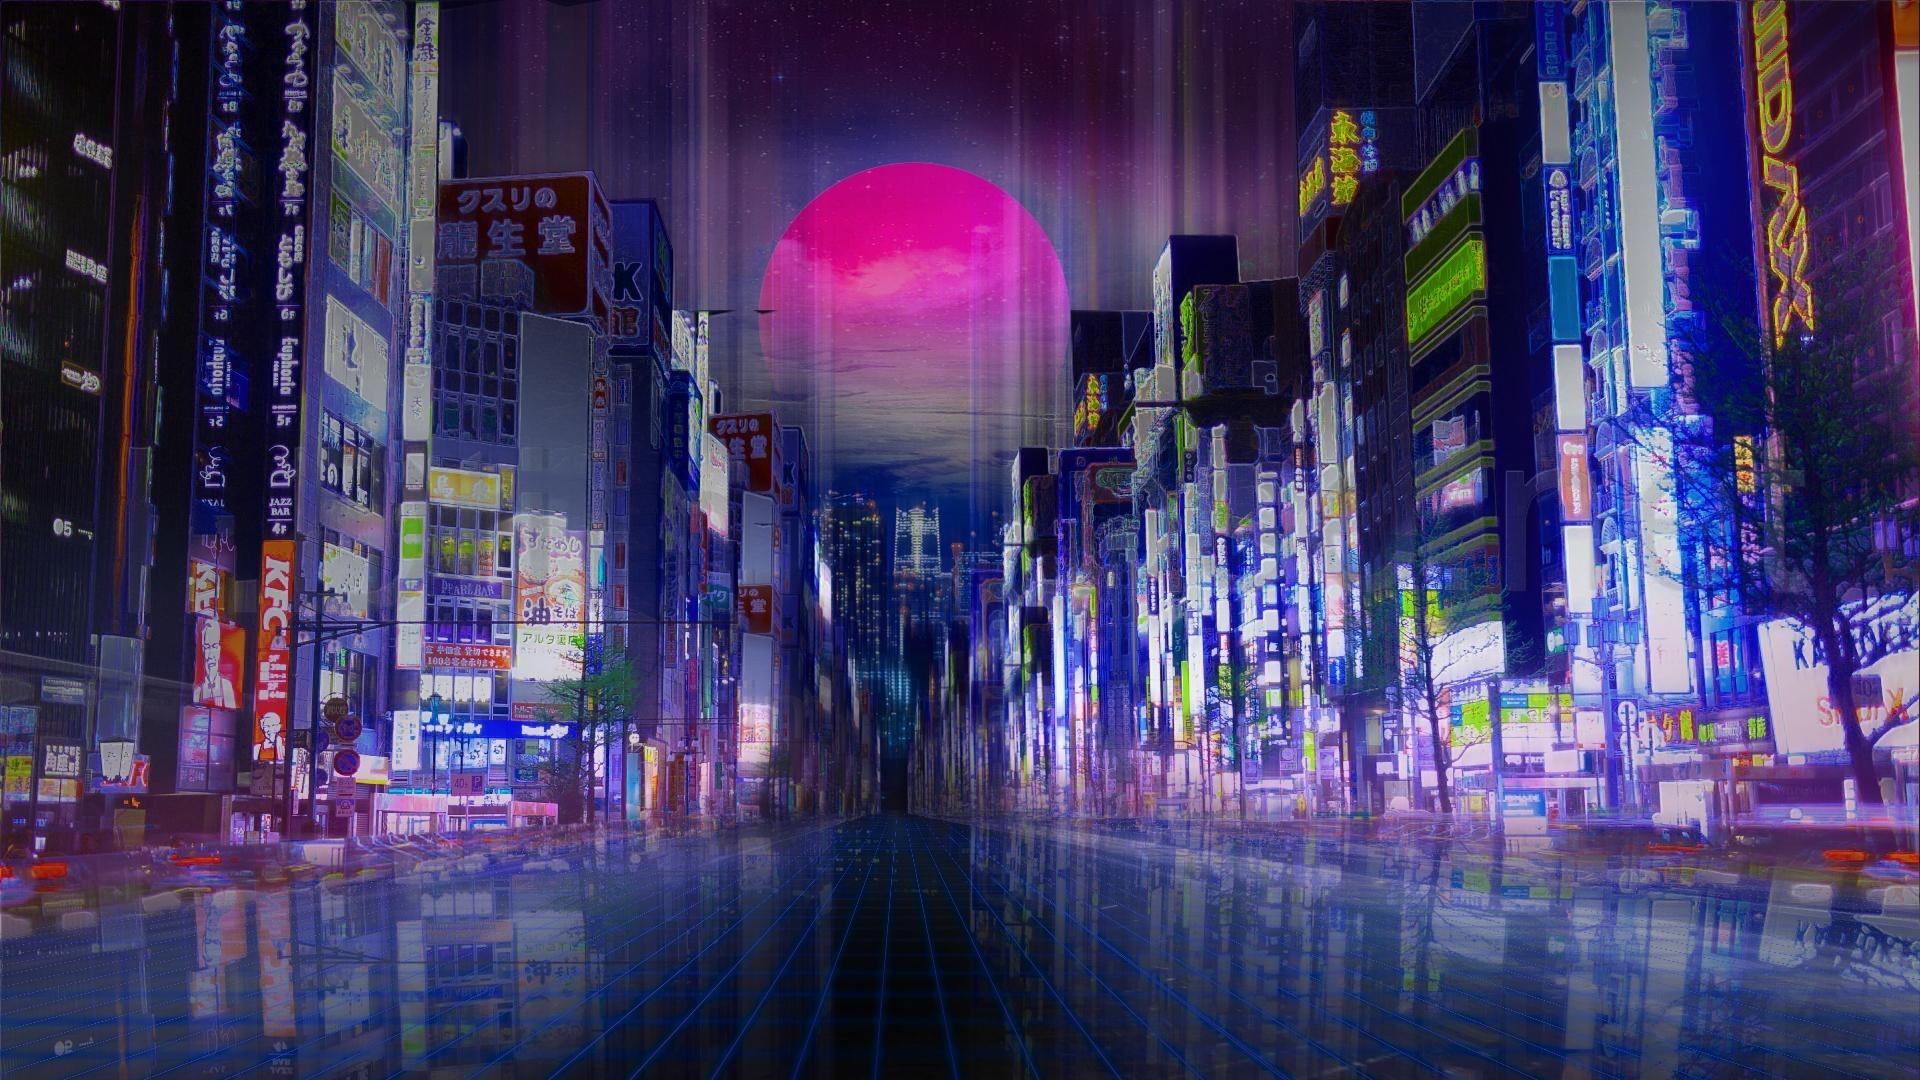 Anime Night Neon Image